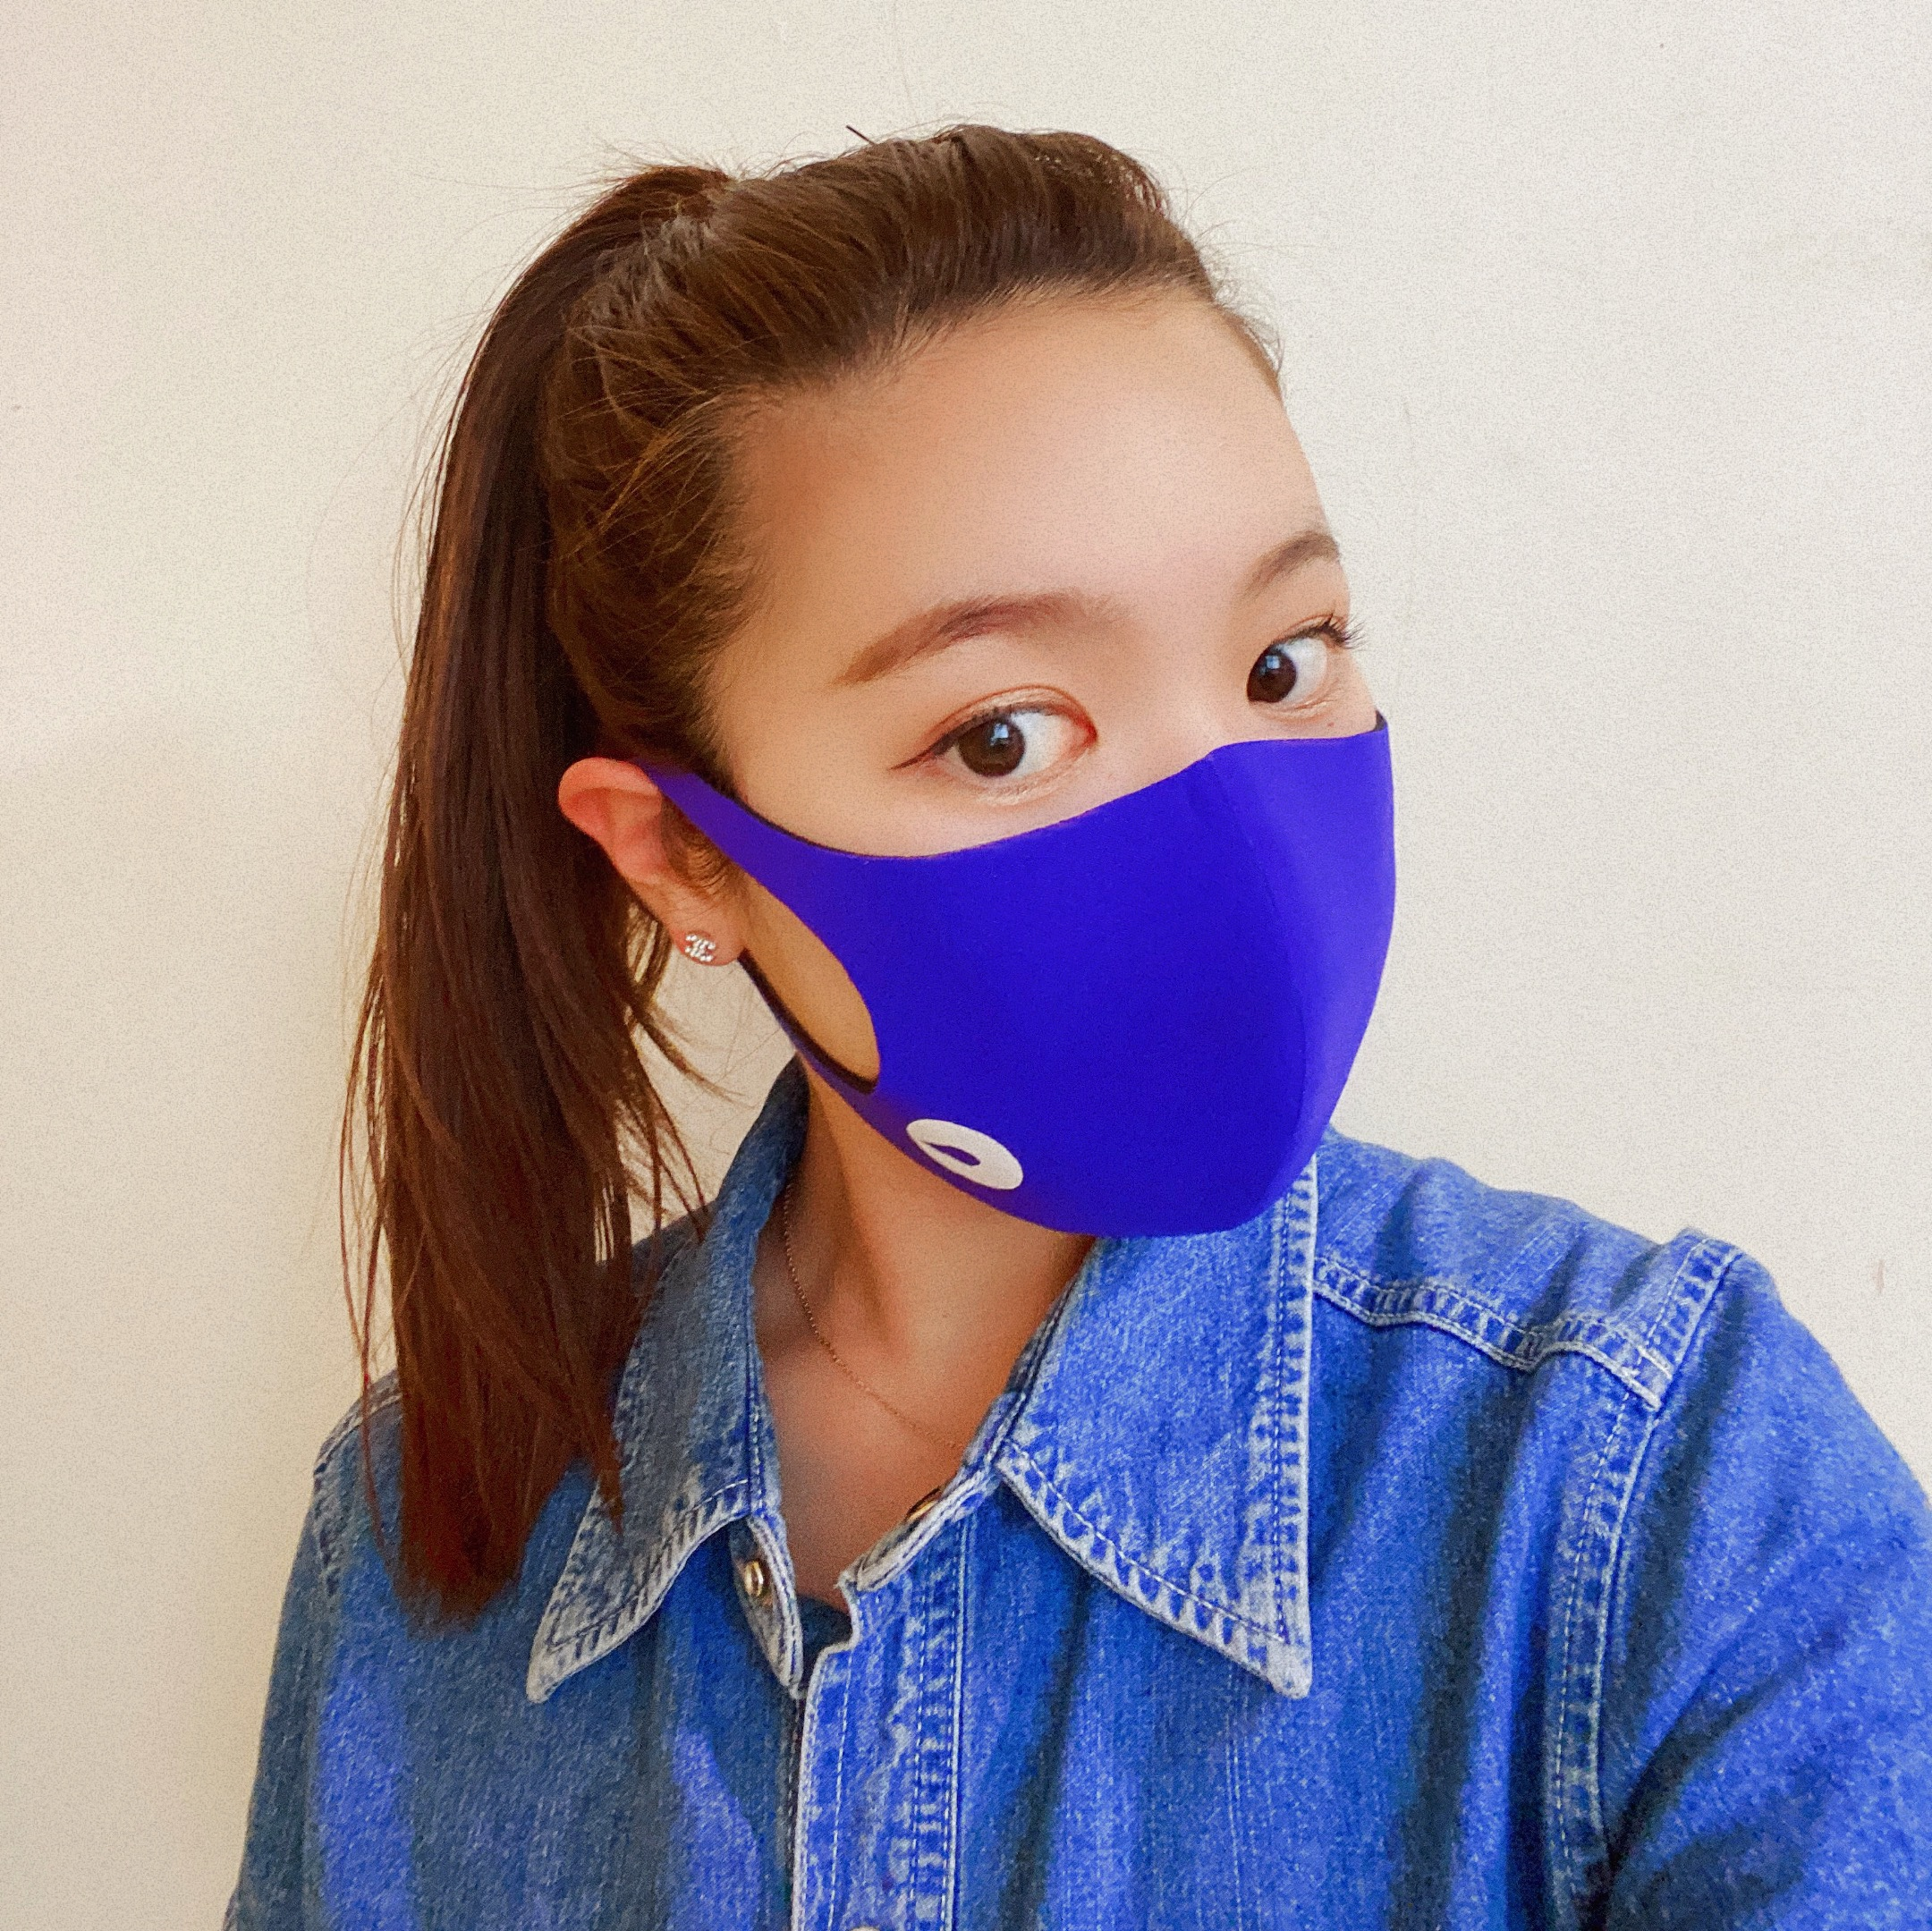 ウェットスーツ屋さんのフェイスマスク